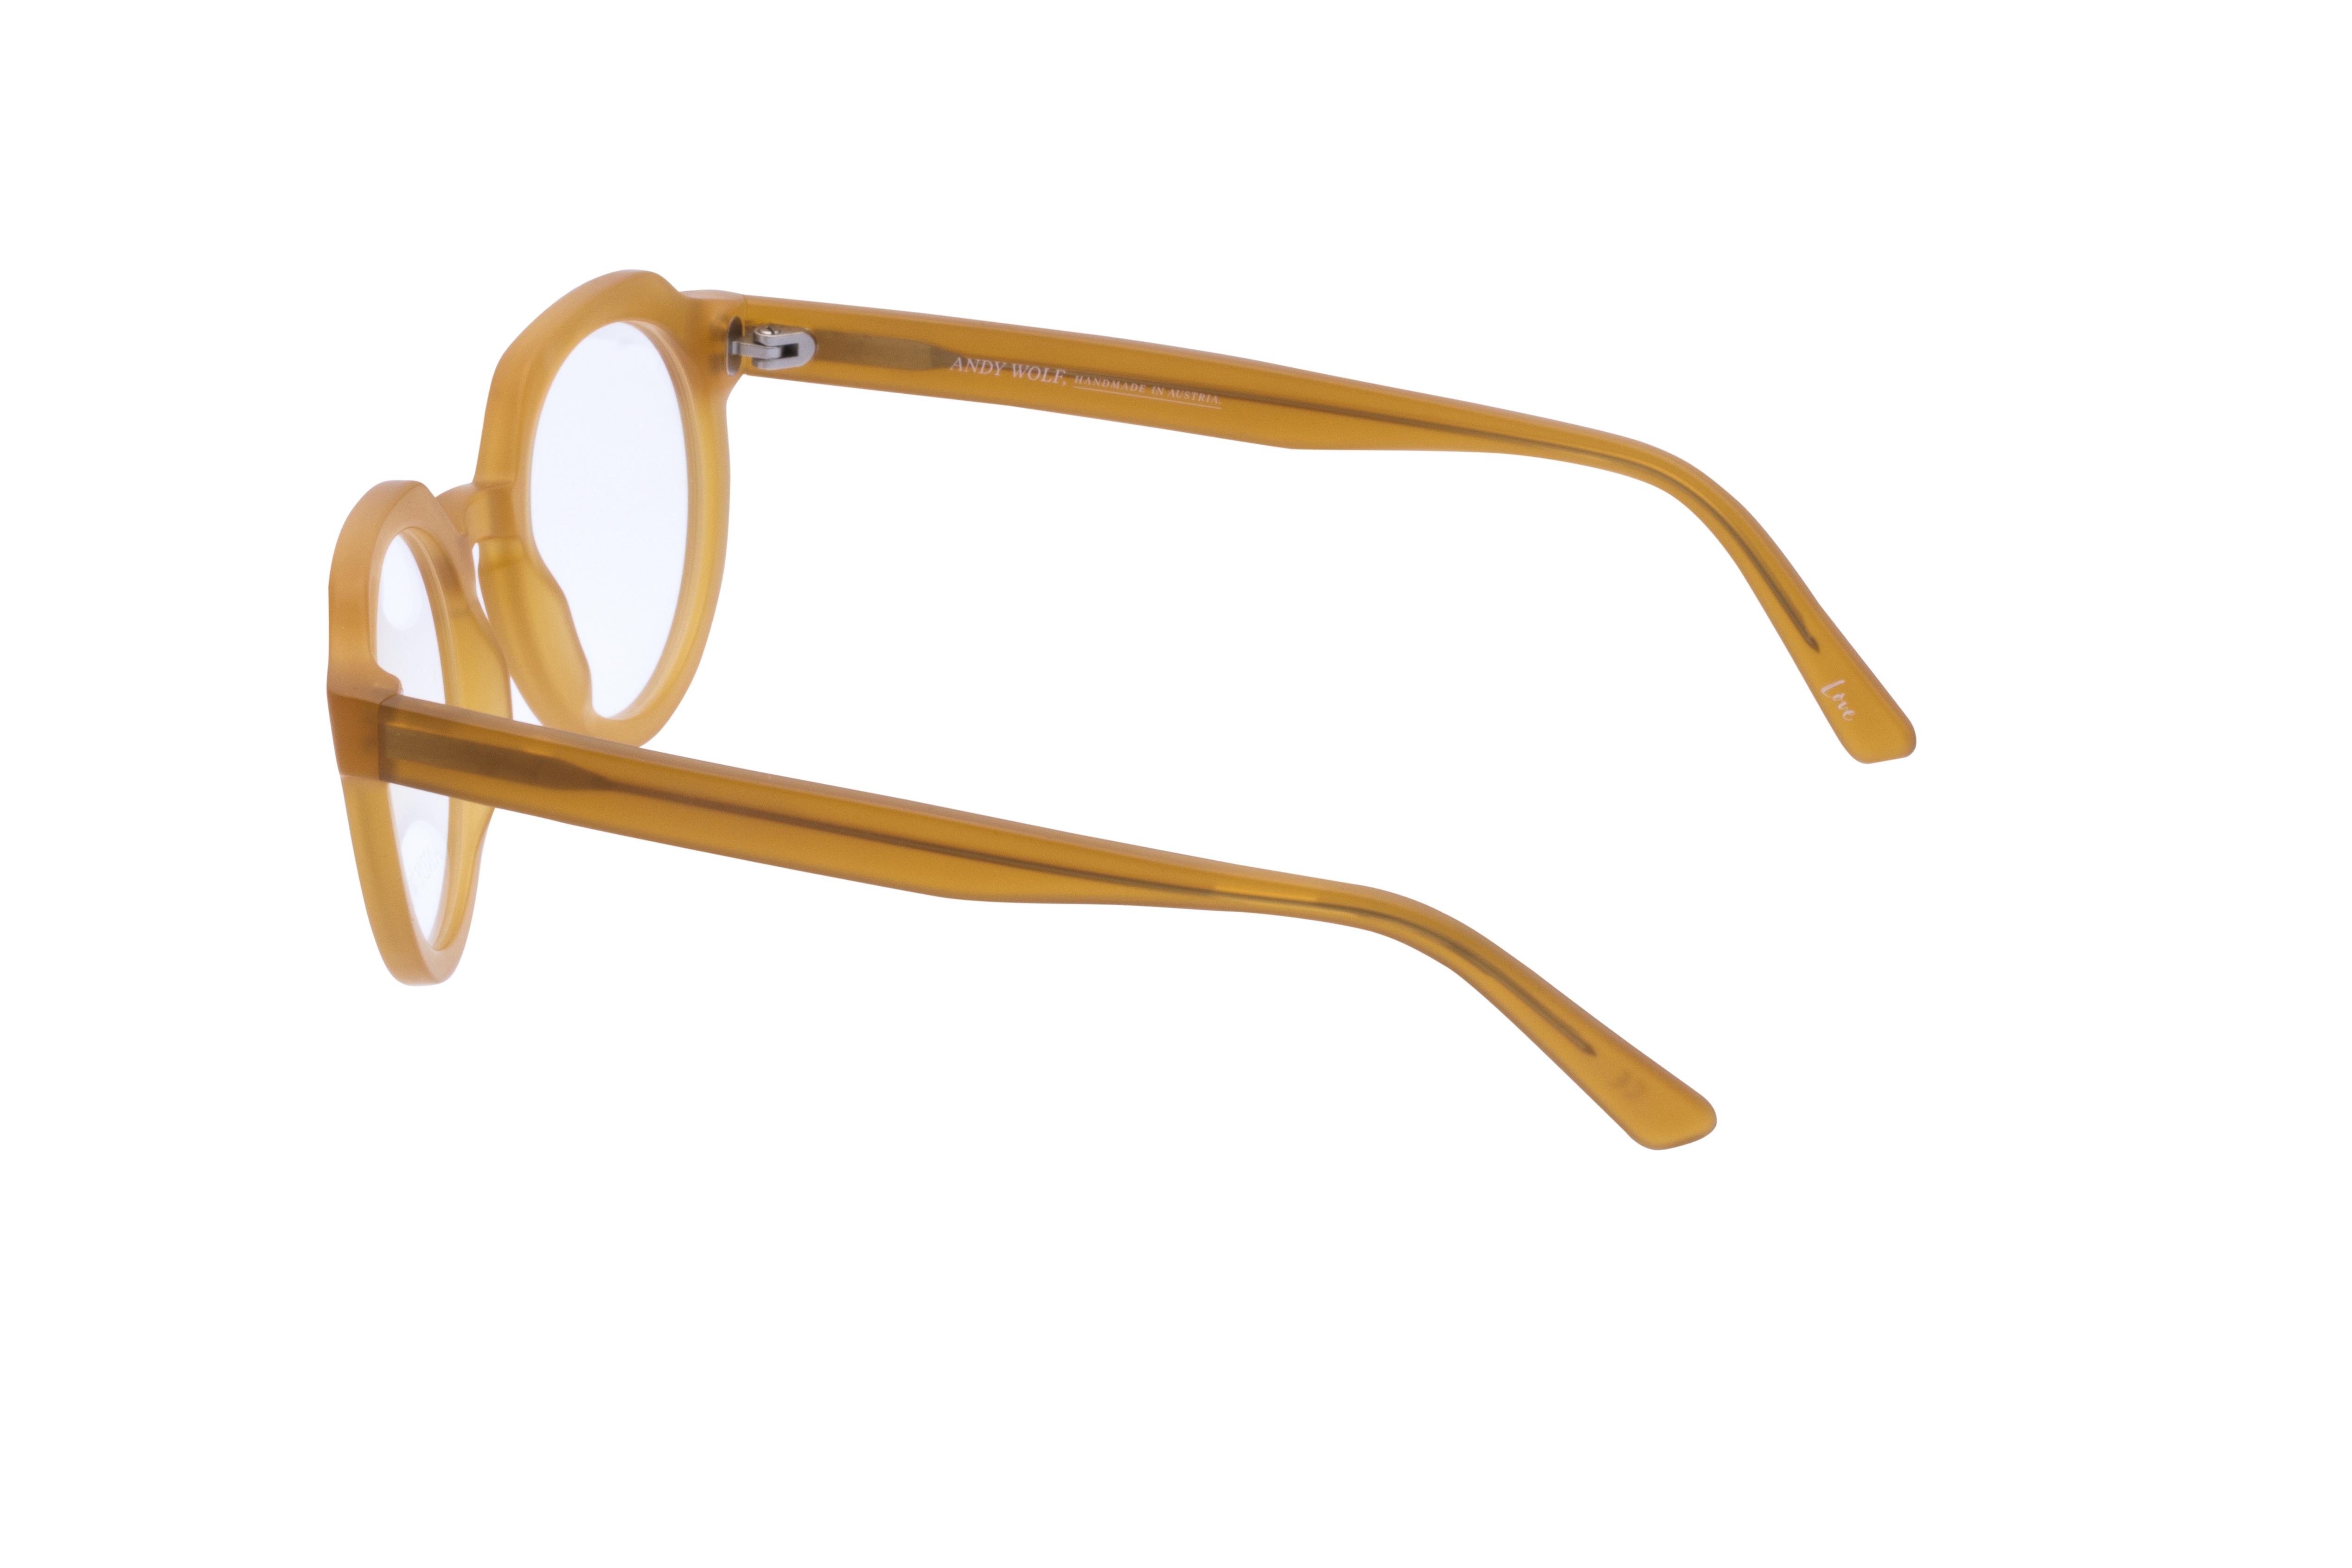 360 Grad Ansicht 17 Andy Wolf 4570, Brille auf Weiß - Fassung bei KUNK